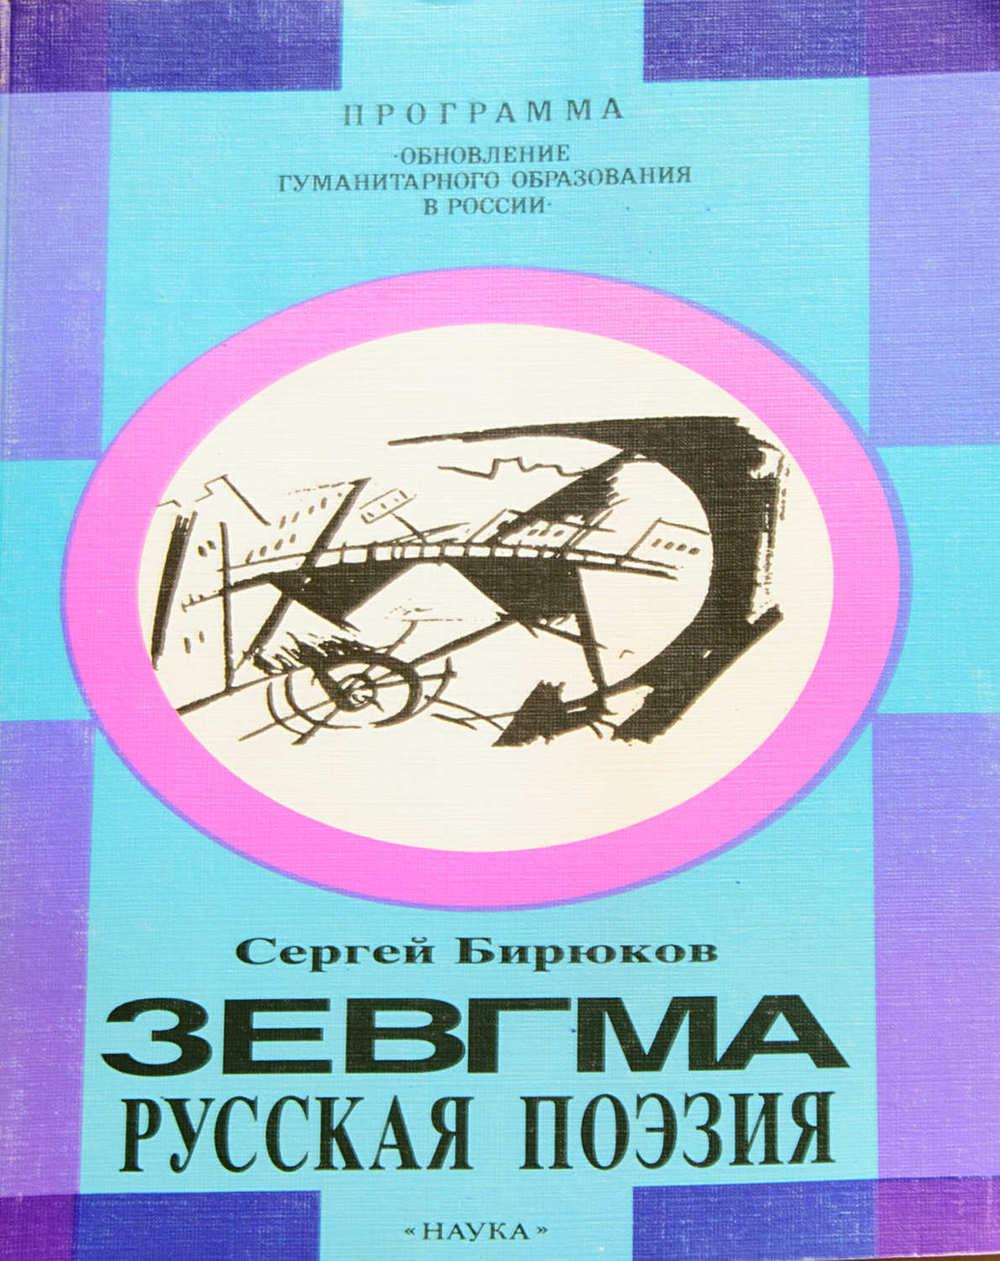 Зевгма: Русская поэзия:Сергей Бирюков